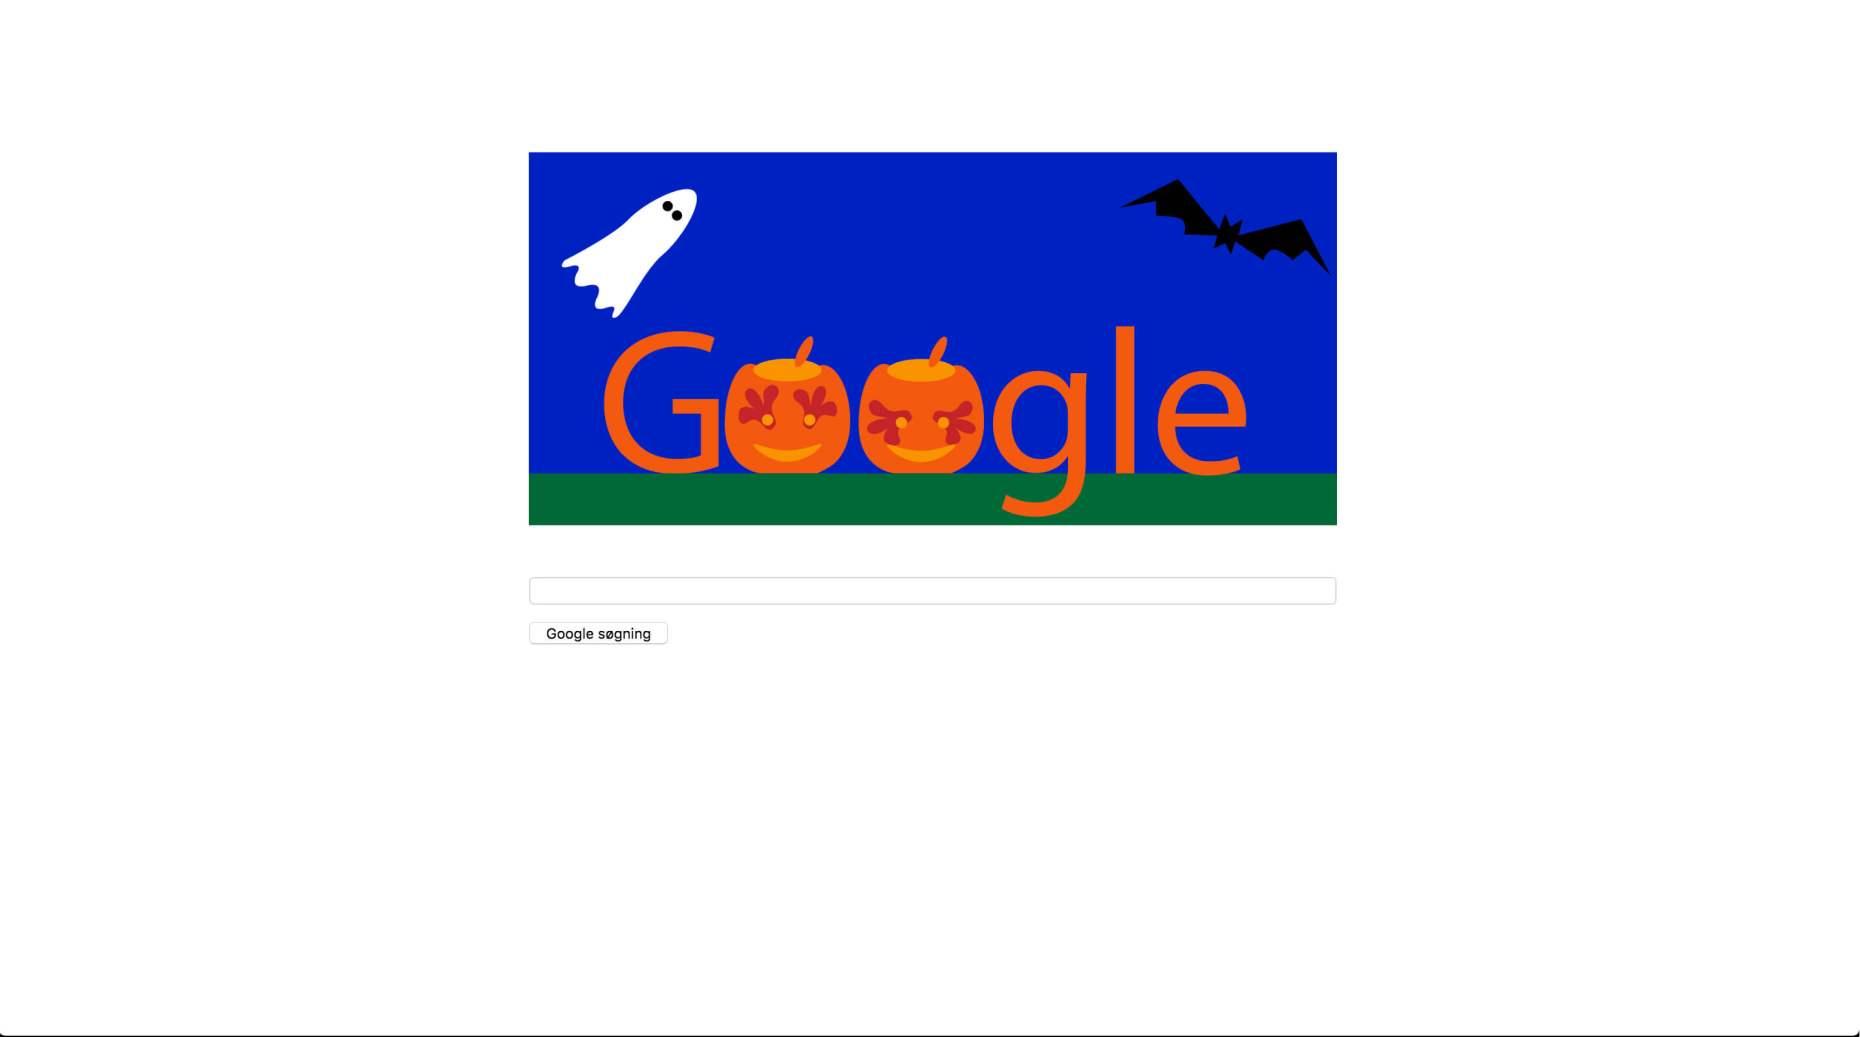 Uddannelse: Google hjemmeside